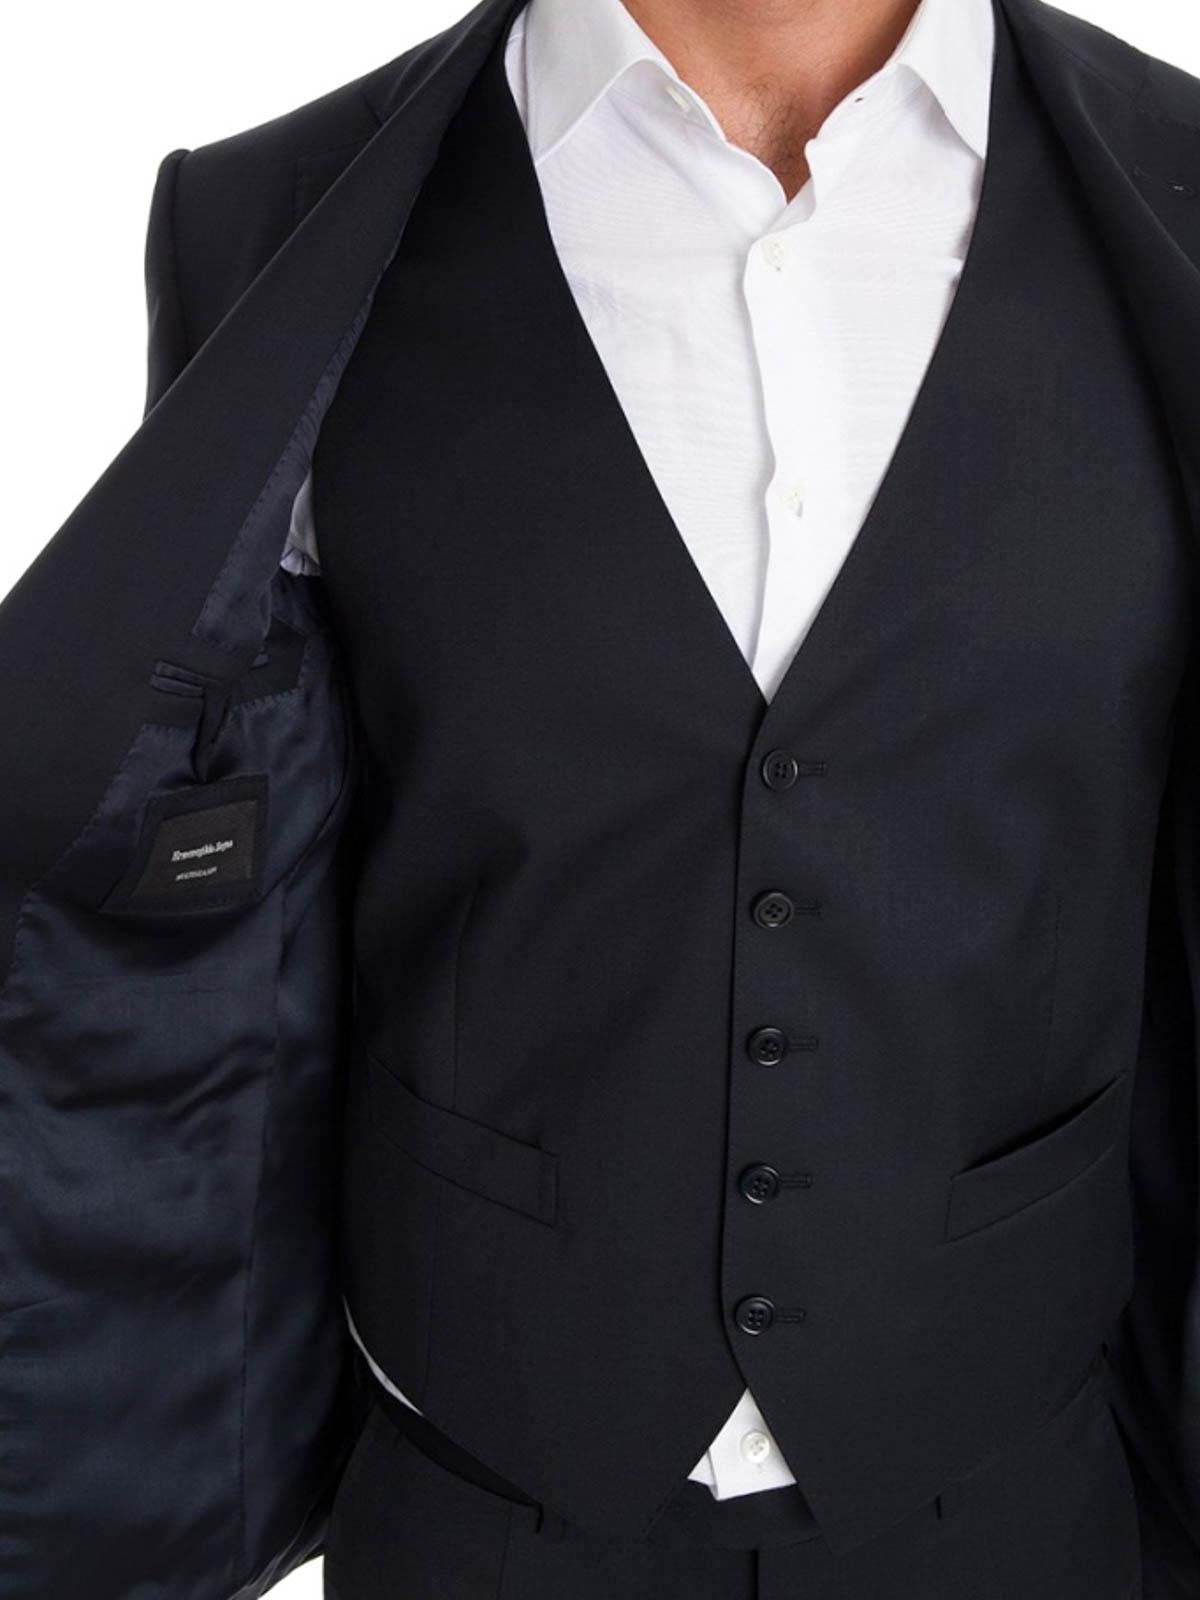 Ermenegildo Zegna - Abito in lana con gilet - completi da cerimonia ... 268667787cb